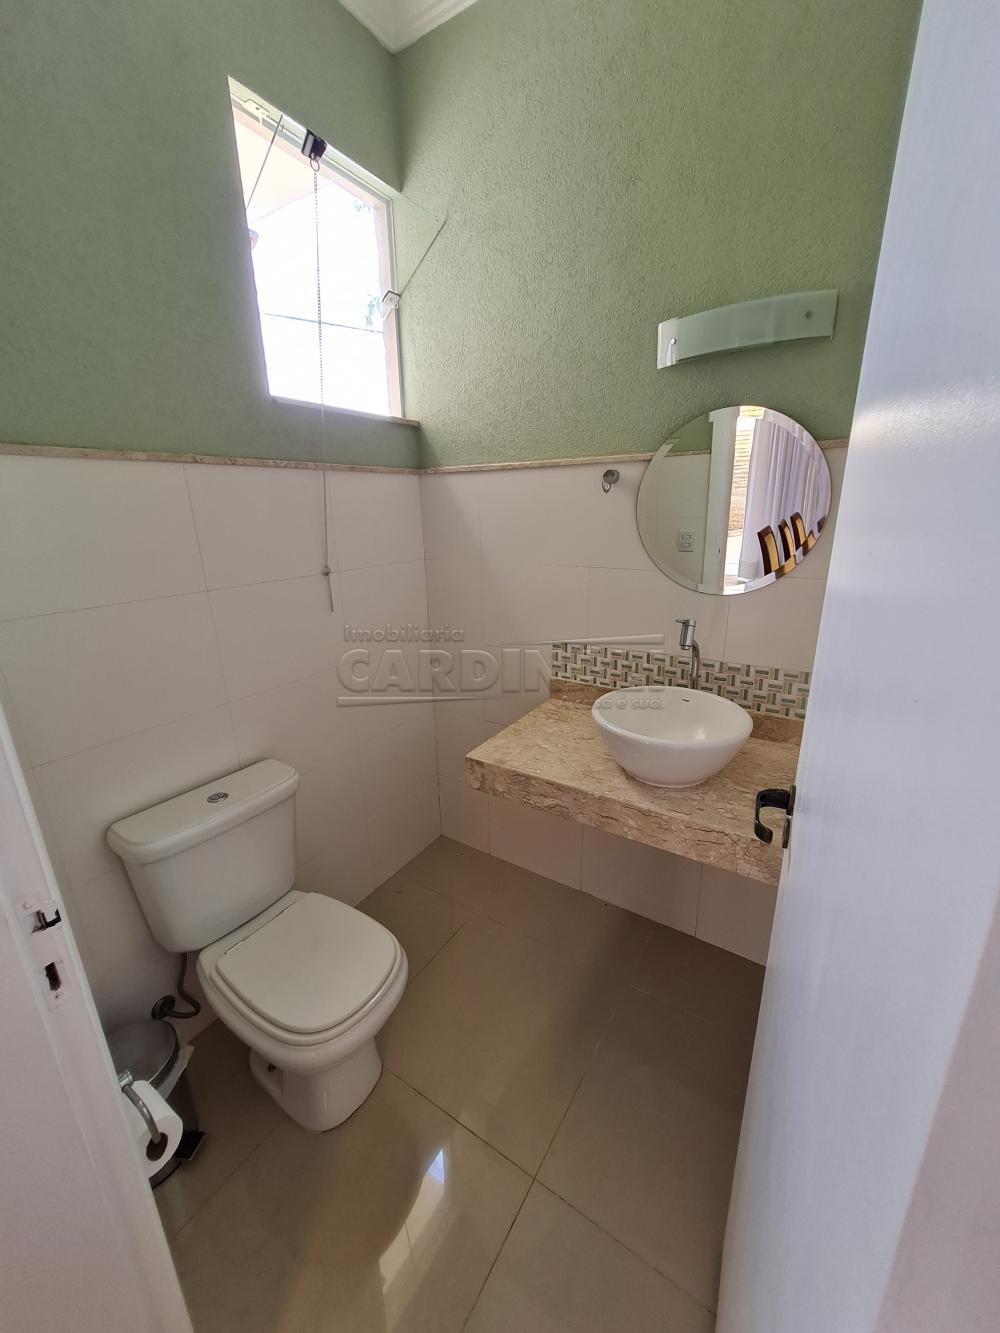 Comprar Casa / Condomínio em São Carlos R$ 865.000,00 - Foto 7